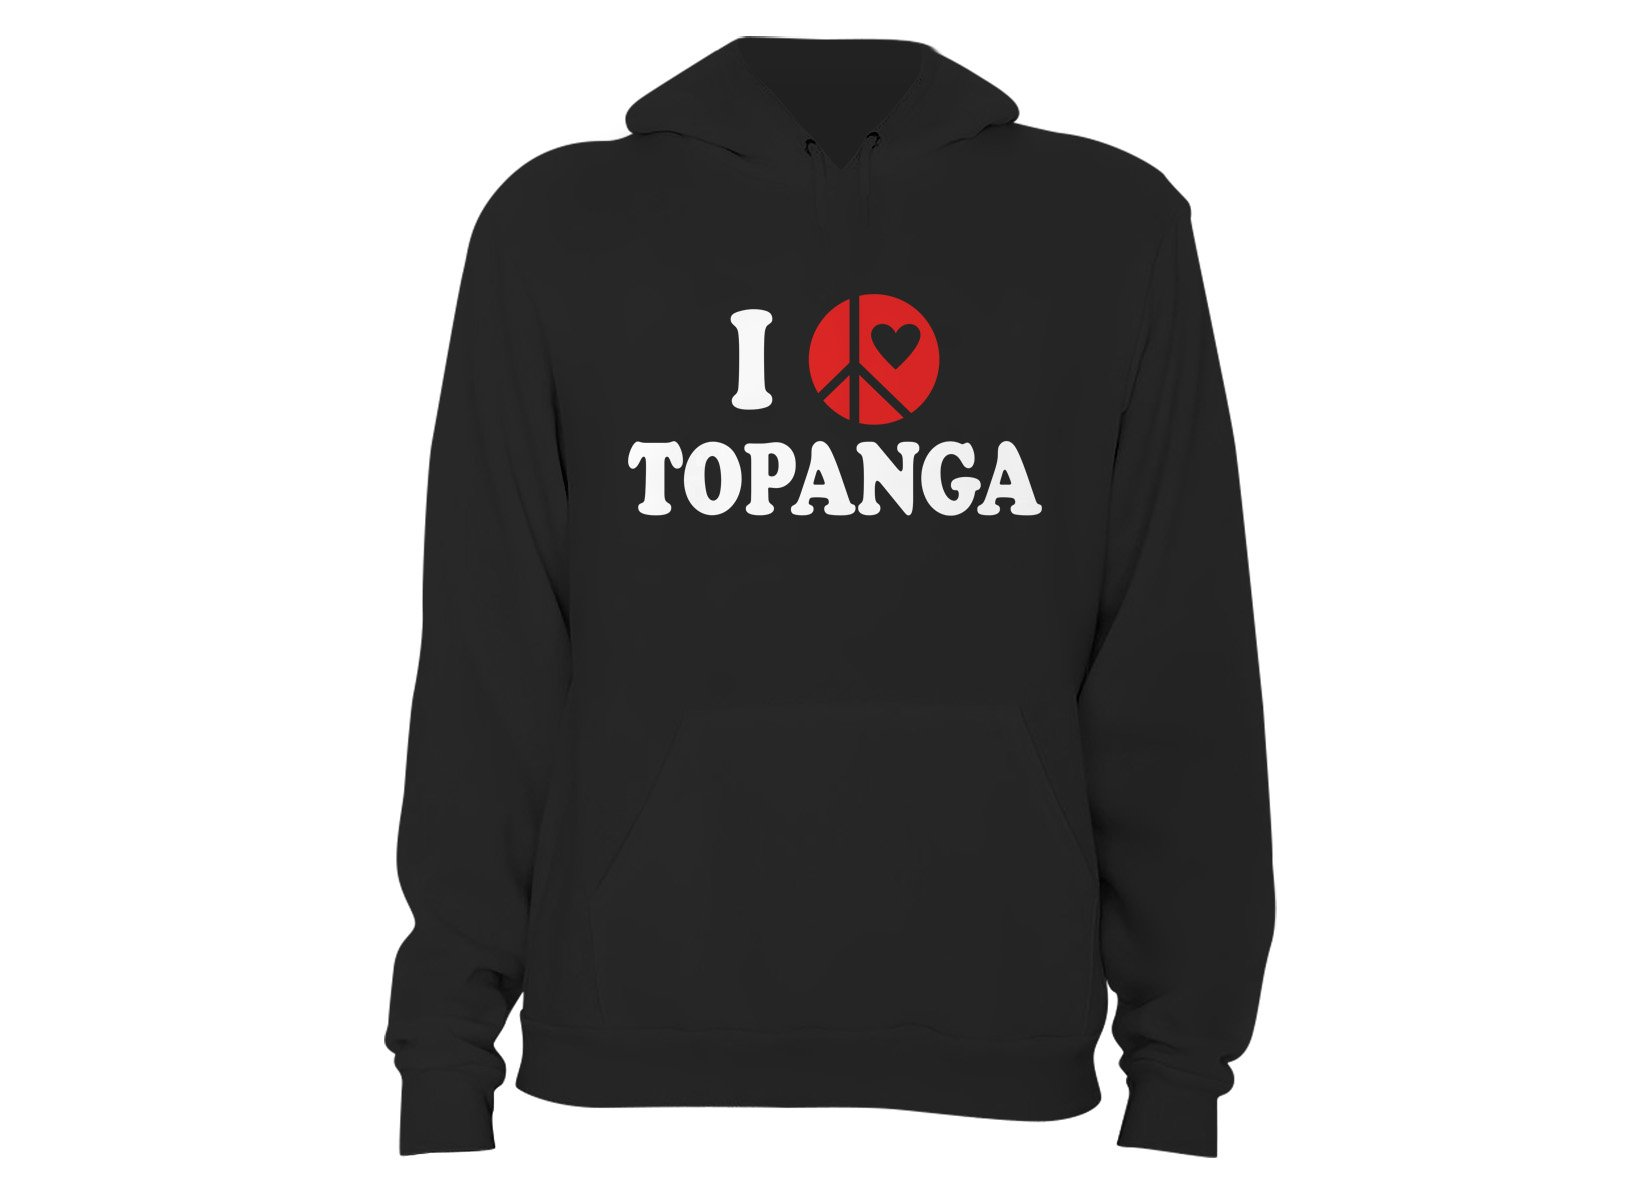 Topanga on Hoodie